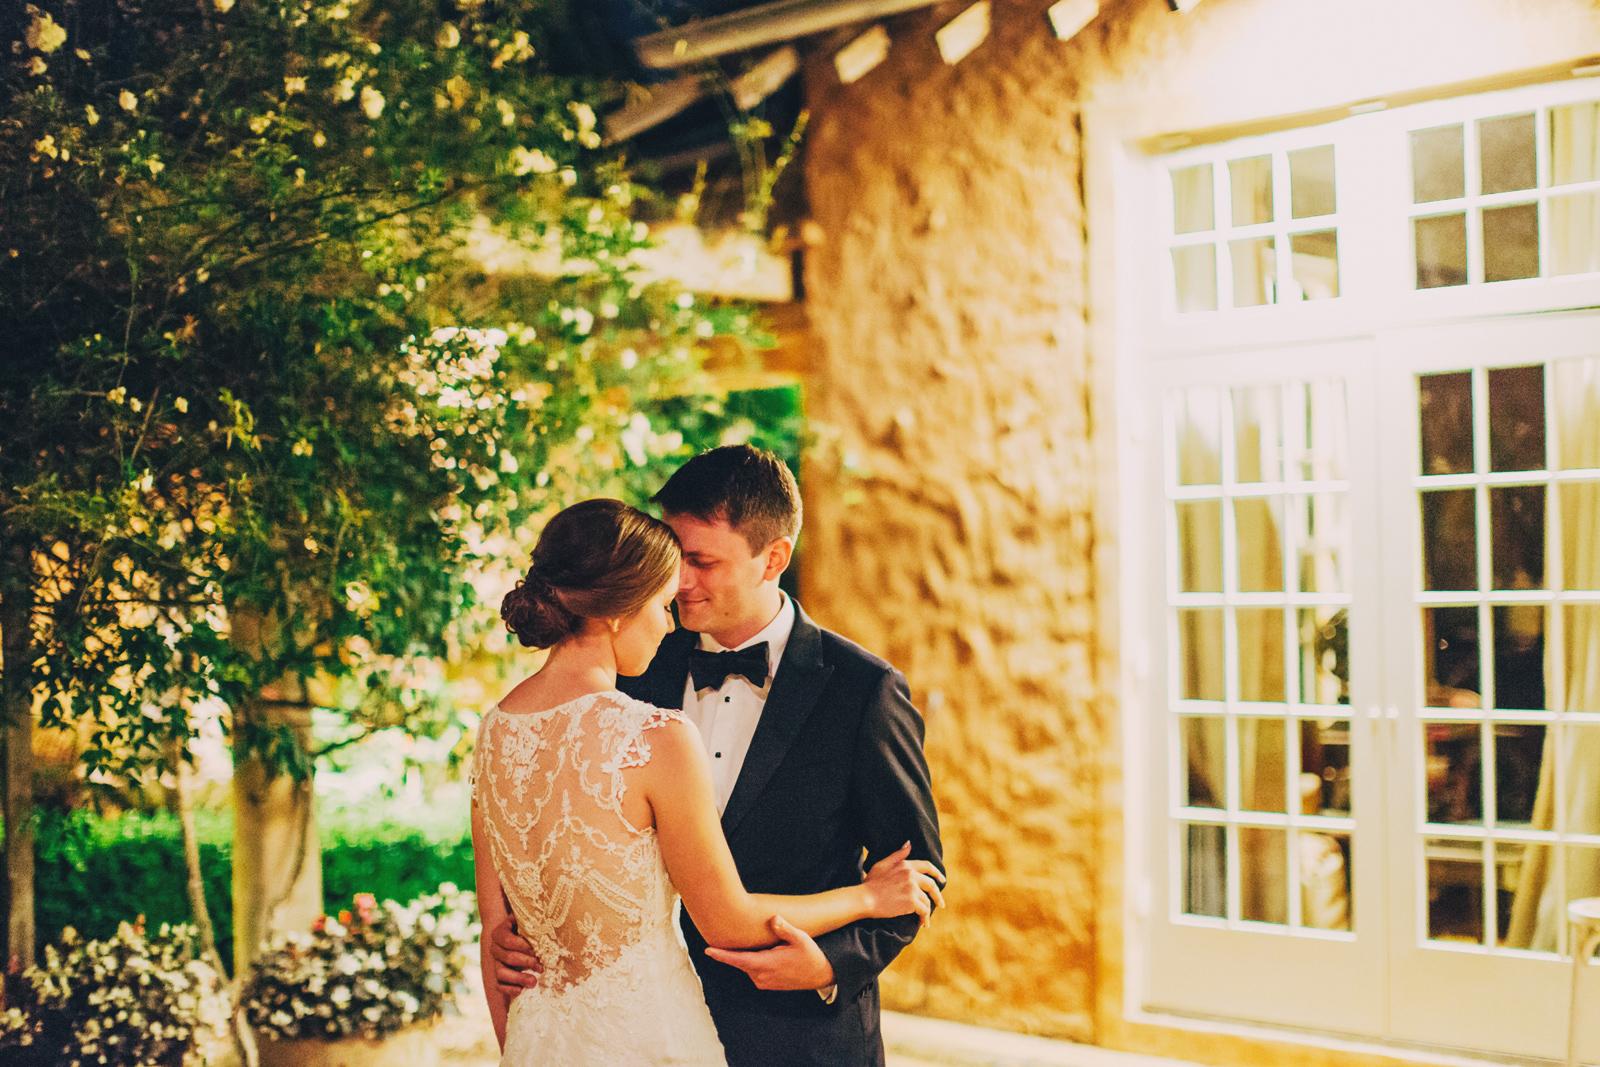 Hilary-&-Darren-Married---0849